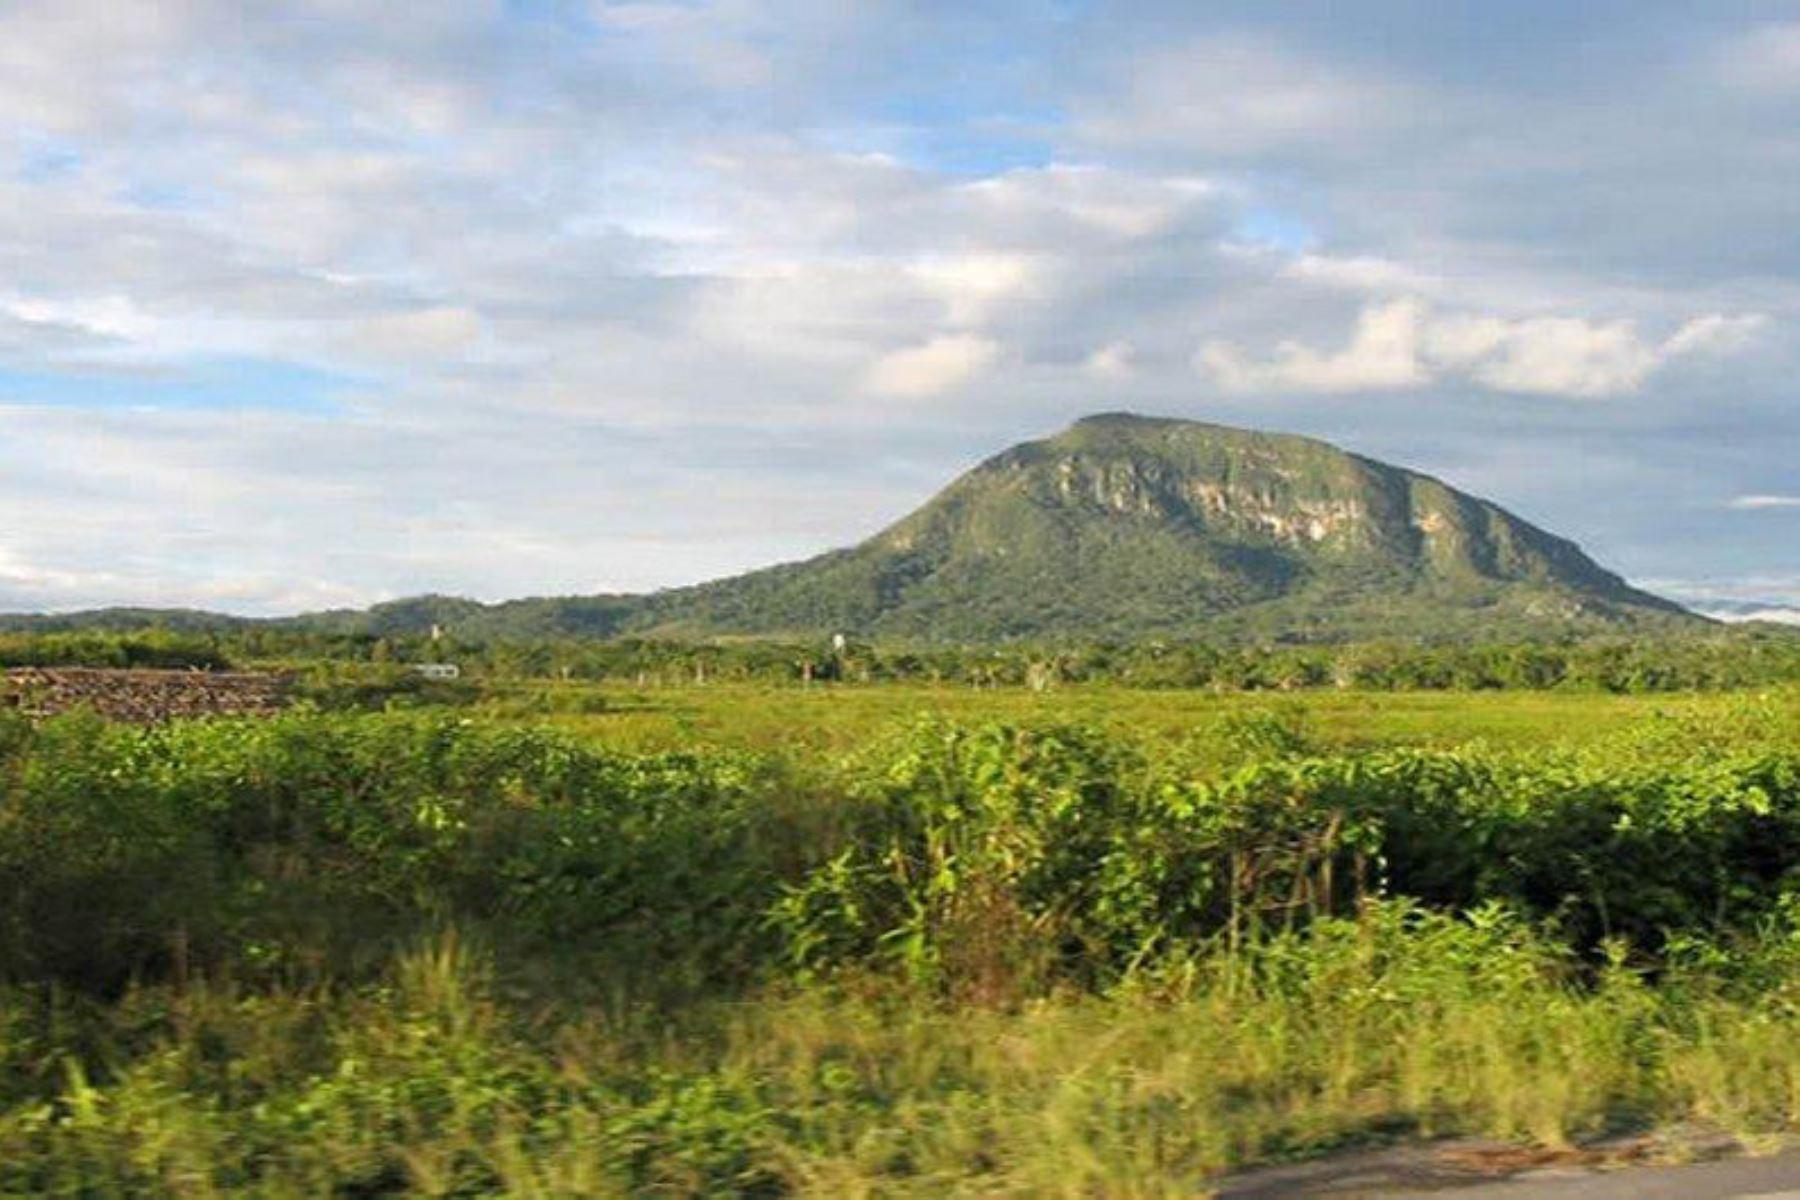 Plan Copesco Nacional invertirá S/ 8.16 millones para poner en valor Morro de Calzada, ubicado en la región San Martín. ANDINA